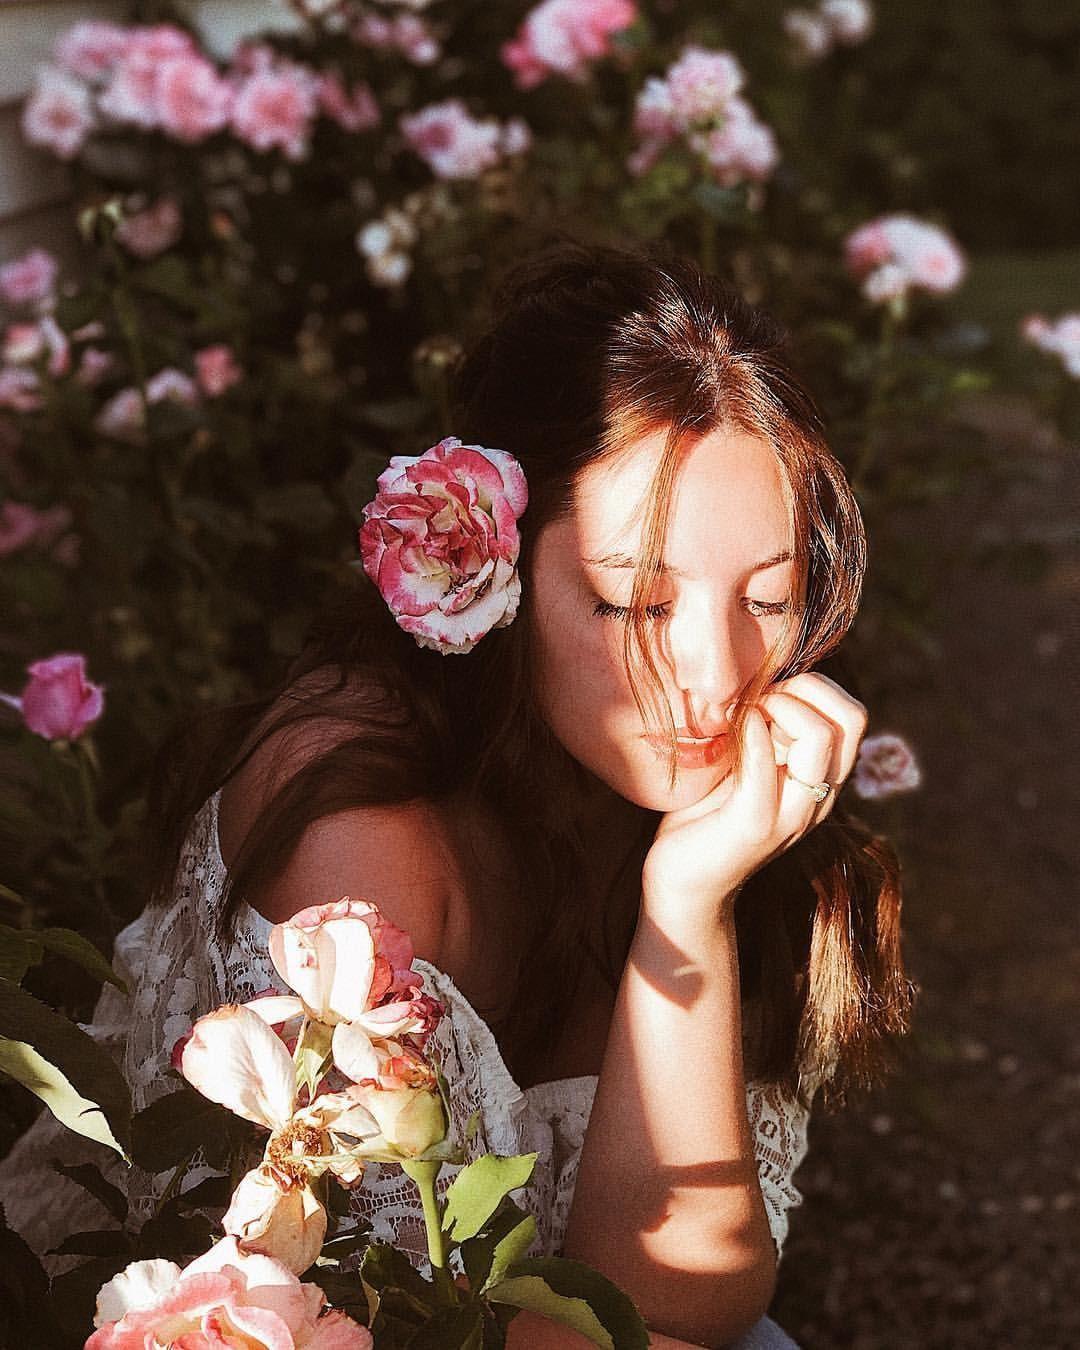 гараж идеи для фотографии цветов испытывает